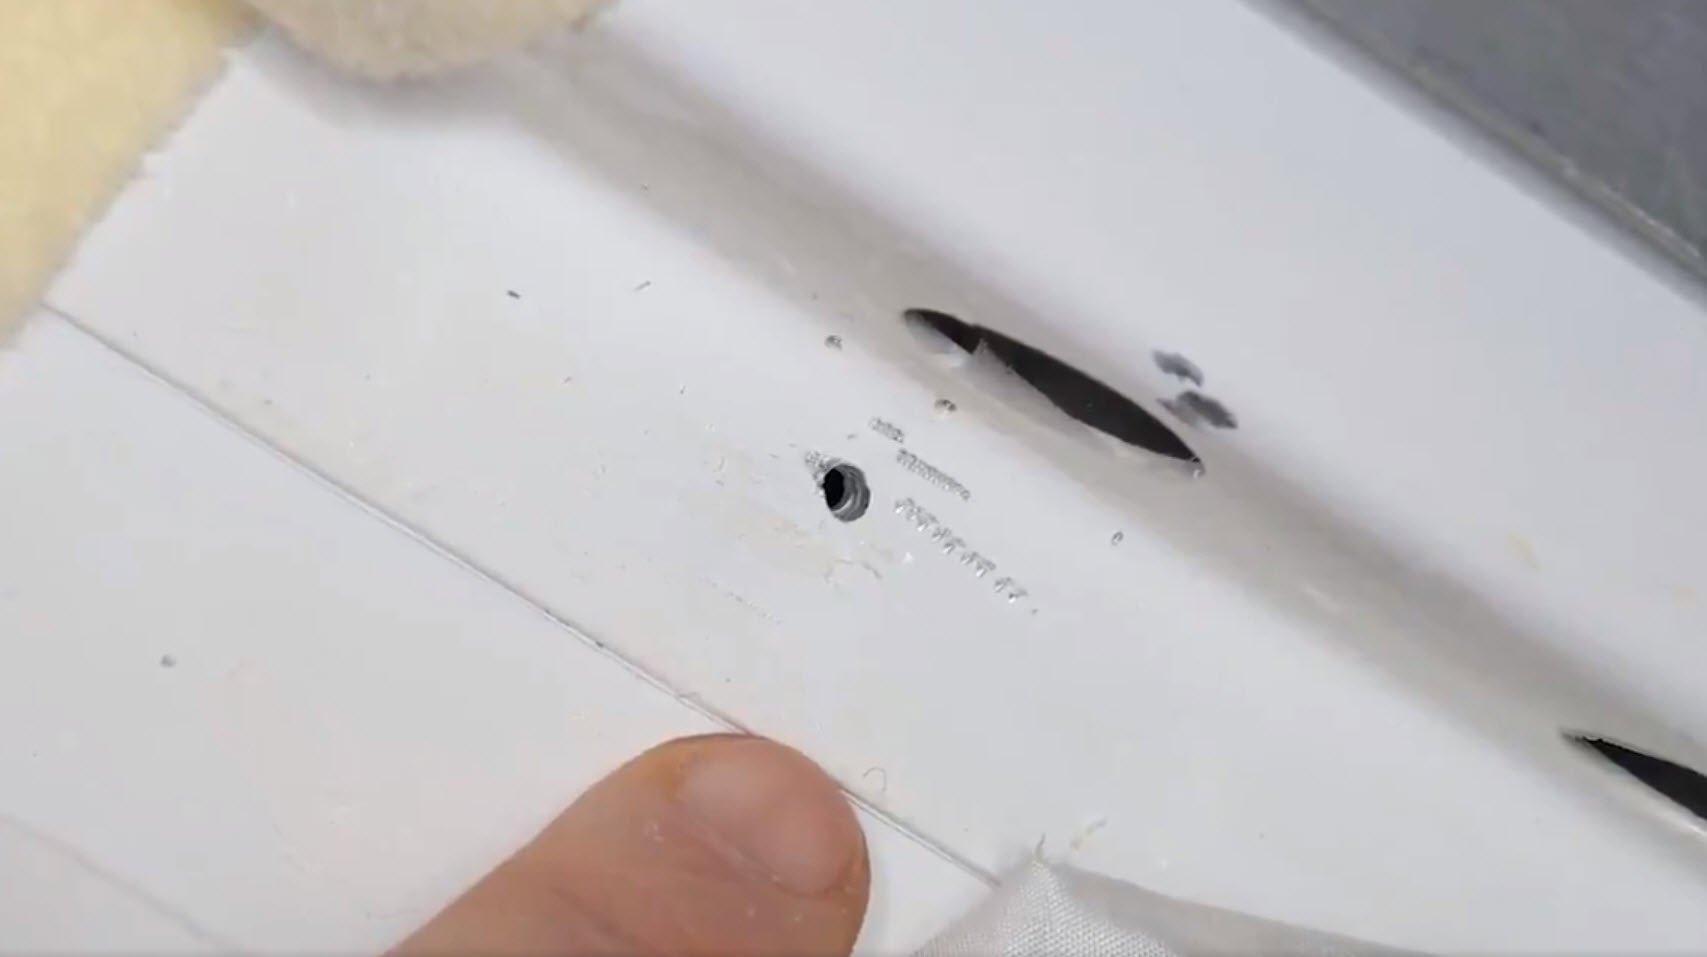 Soyuz'daki Gizemli Delik İçeriden Açılmış